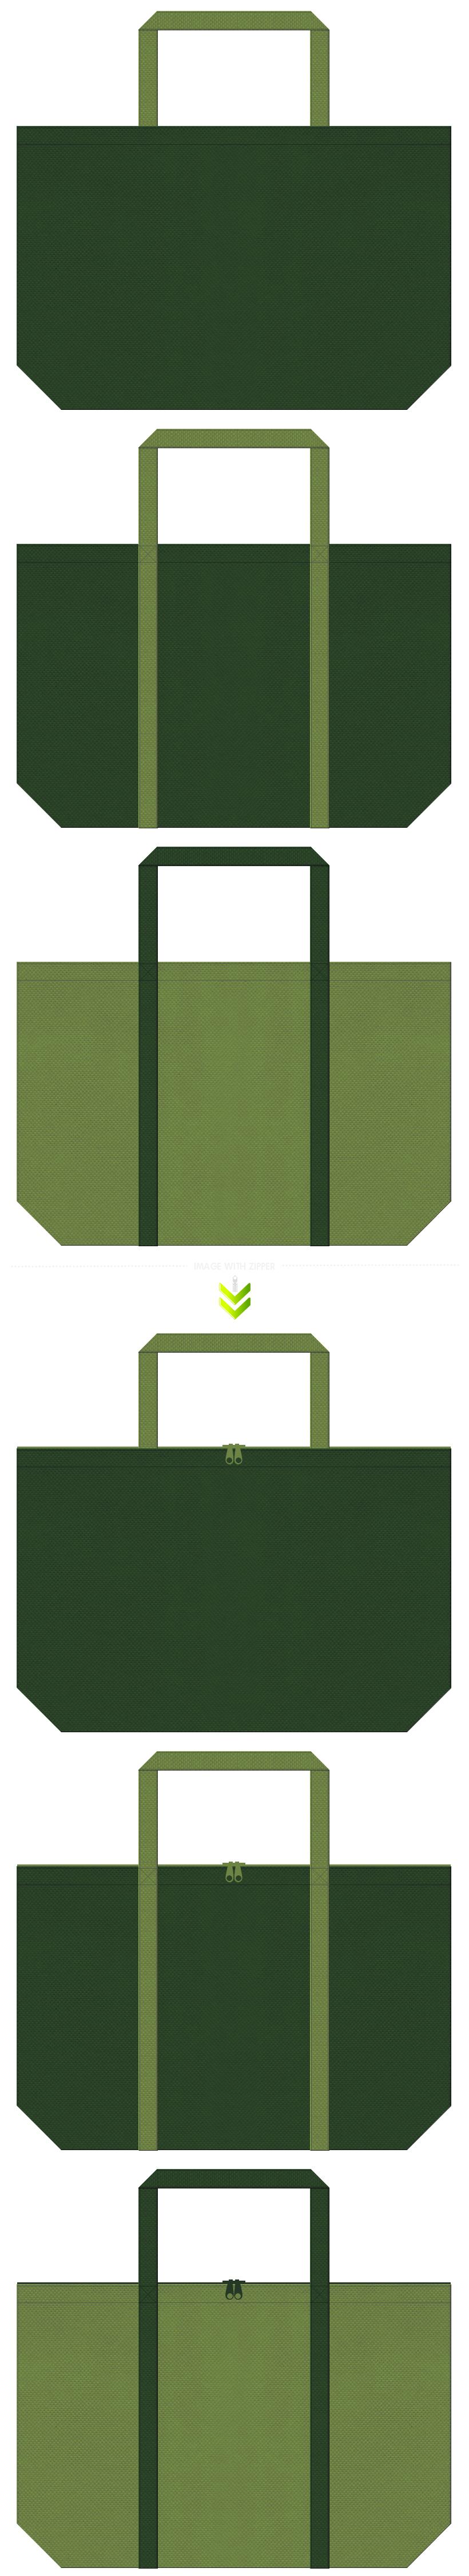 迷彩色・アマゾン・ジャングル・ボタニカル・苔・テラリウム・観葉植物・植木・盆栽イベント・造園用品・釣具・渓流・登山・アウトドア・キャンプ・青汁・抹茶・日本茶・わかめ・昆布茶・緑藻類・健康食品・山菜・わらび・ぜんまい・バジルソース・線香・蓬・草餅・茶室・和柄のエコバッグにお奨めの不織布バッグデザイン:濃緑色・深緑色と草色のコーデ